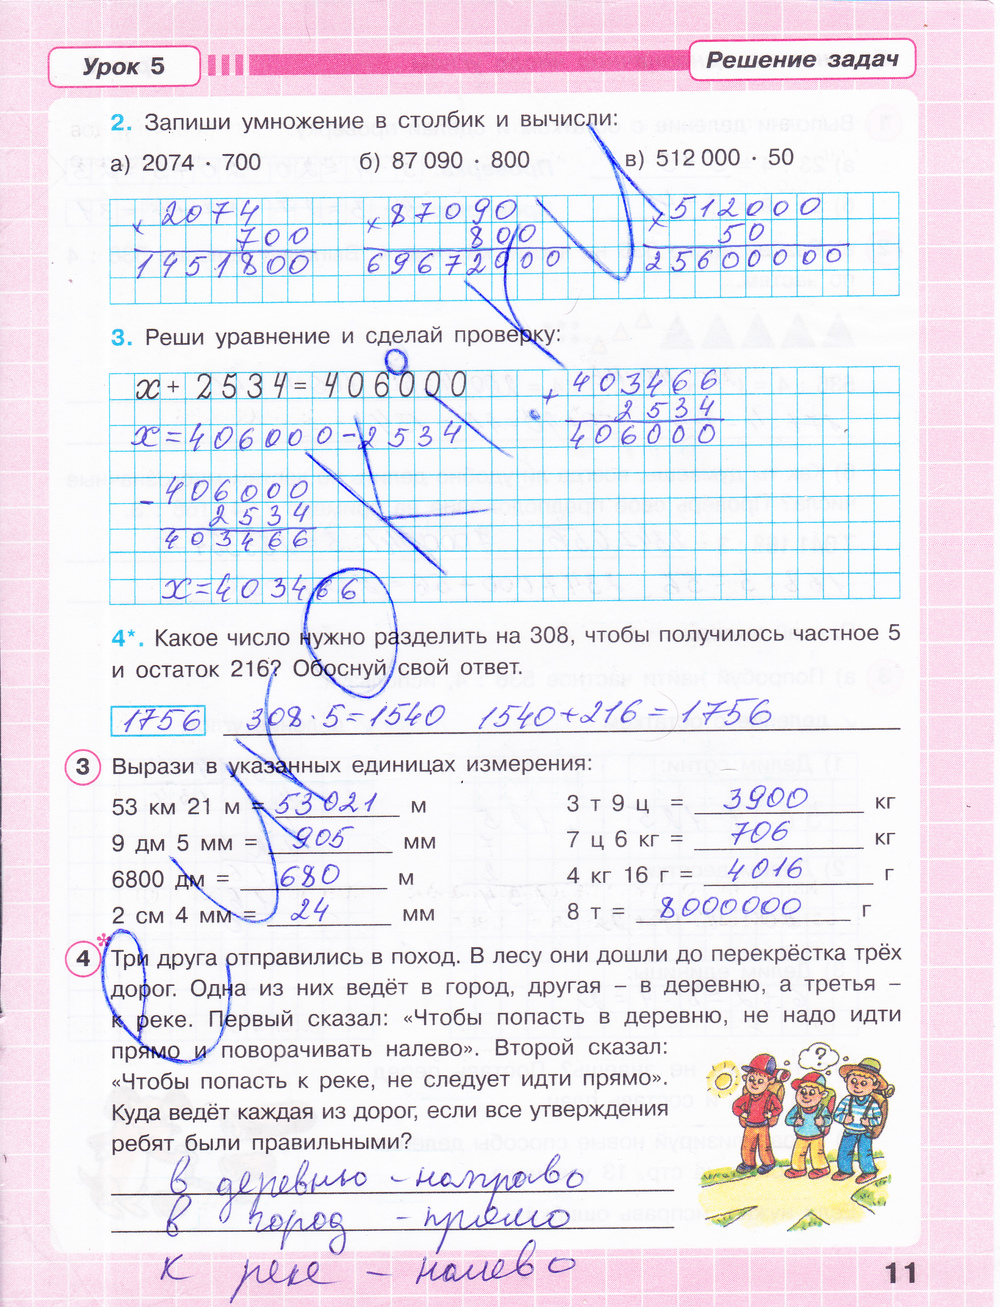 Решение задач по петерсону 4 класс 1 часть 1 класс решение нестандартных задач